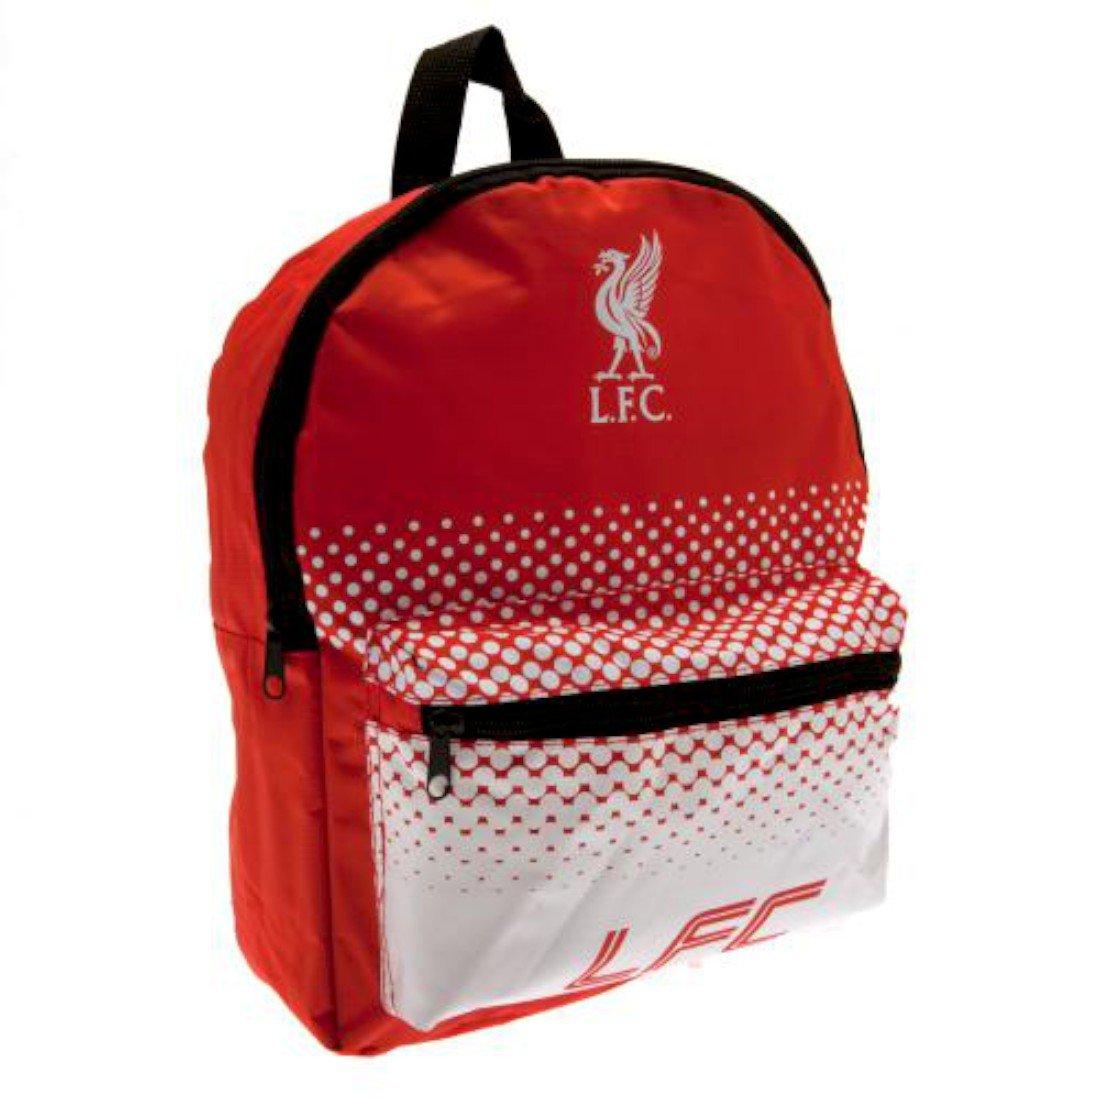 Offizielles Lizenzprodukt Kinder-Rucksack Liverpool F.C